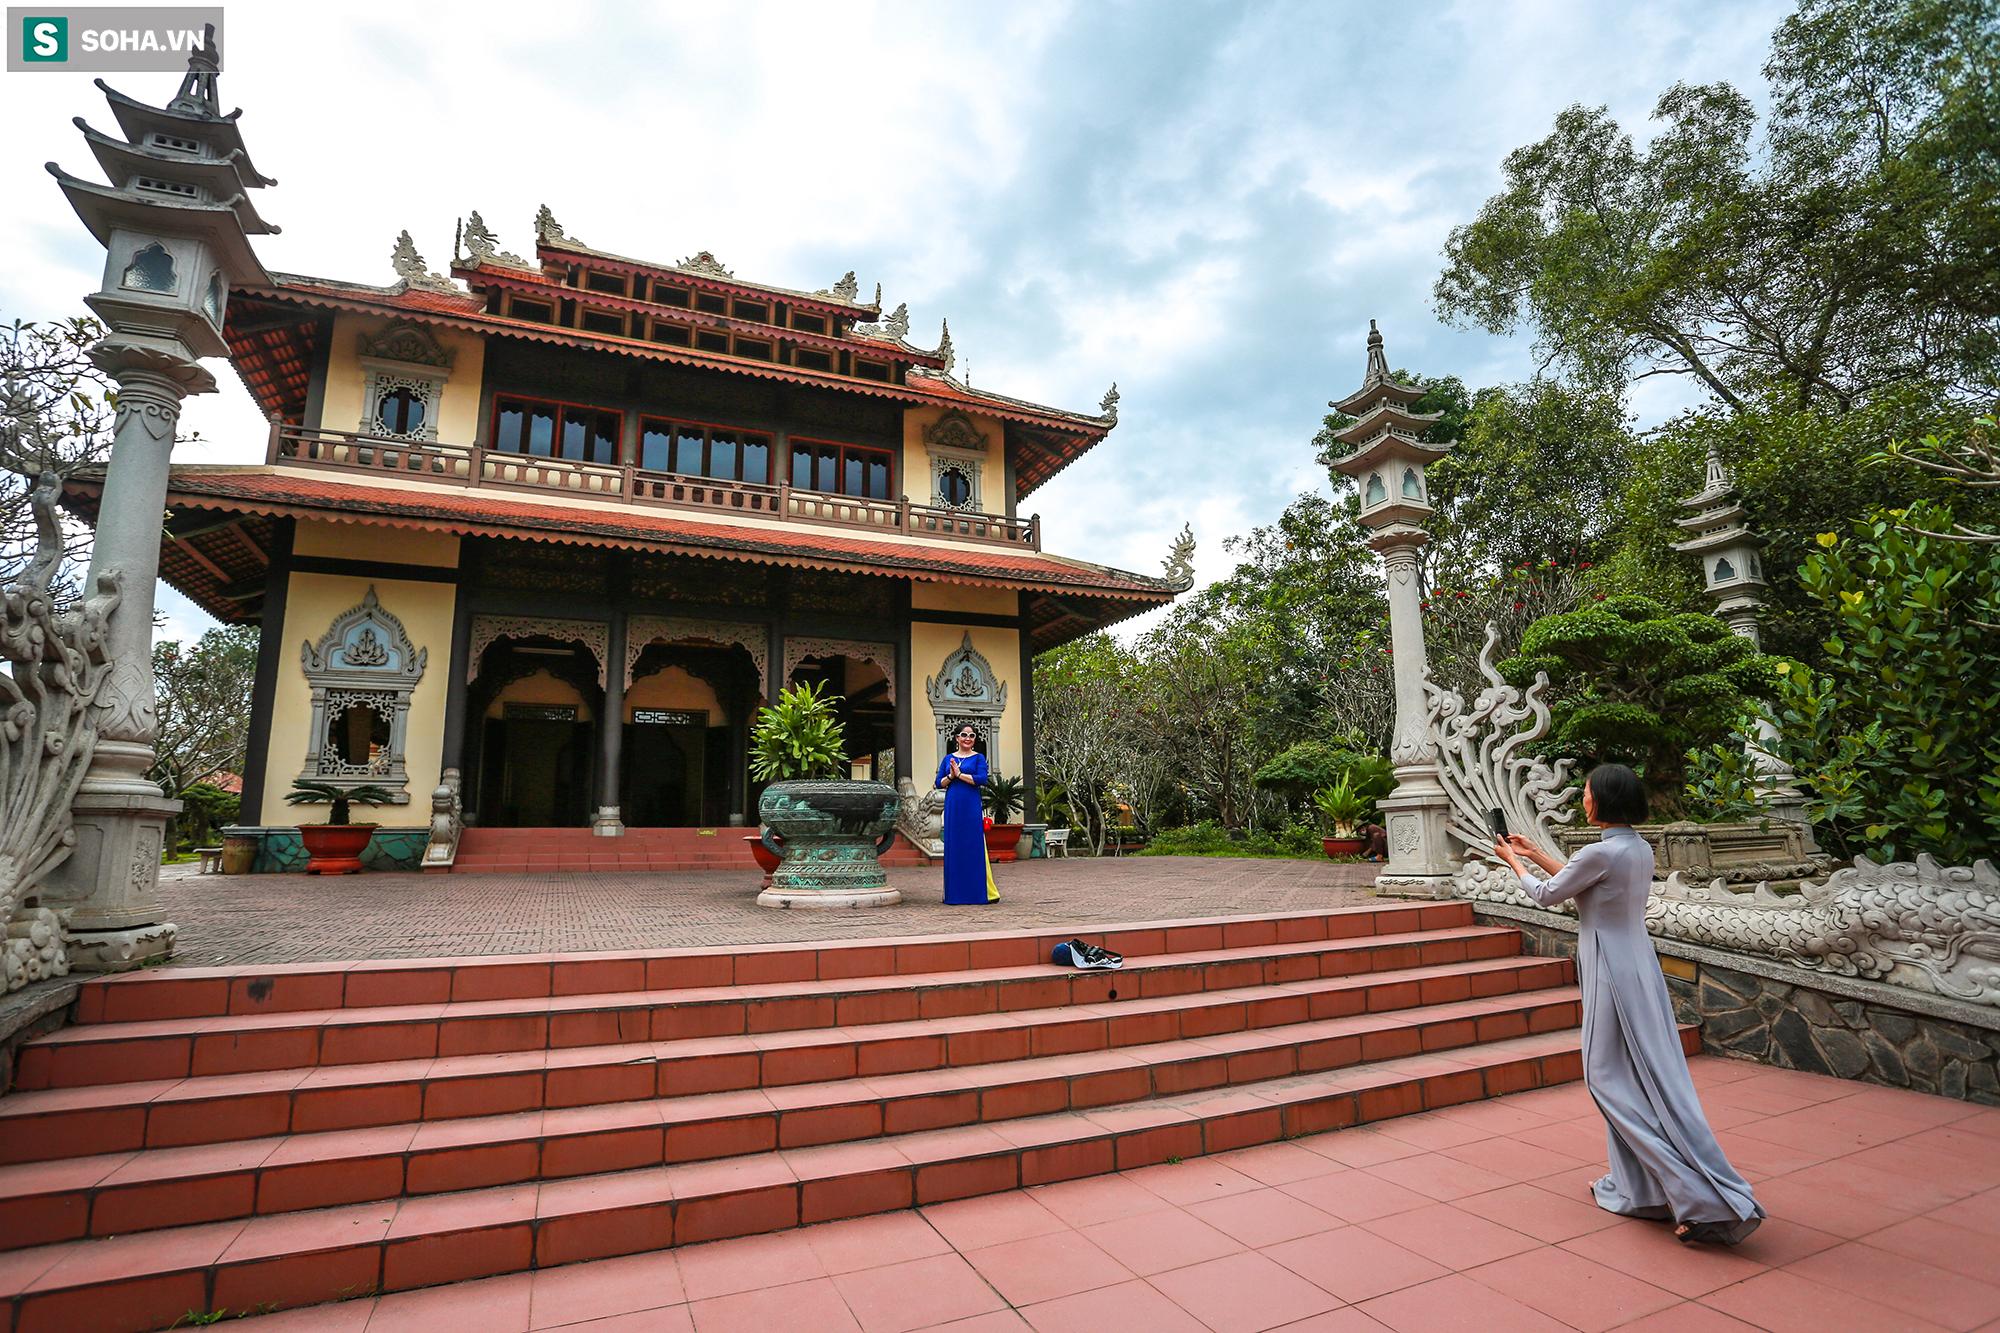 [Ảnh] Ngắm vẻ đẹp huyền bí của ngôi chùa lọt top đẹp nhất thế giới tọa lạc tại TP.Thủ Đức - Ảnh 17.